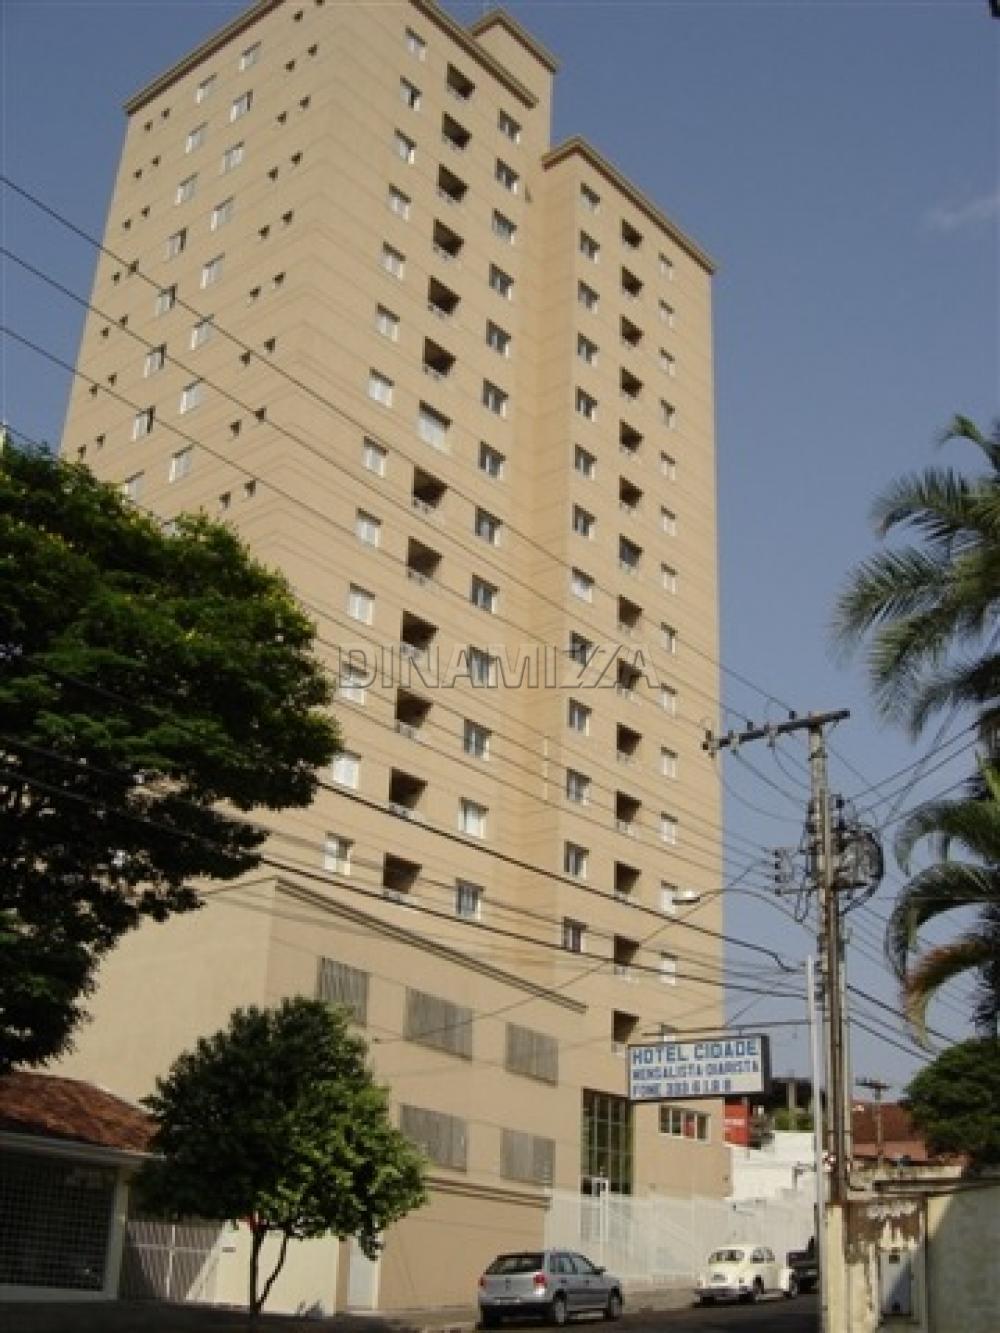 Alugar Apartamento / Padrão em Uberaba R$ 1.200,00 - Foto 1